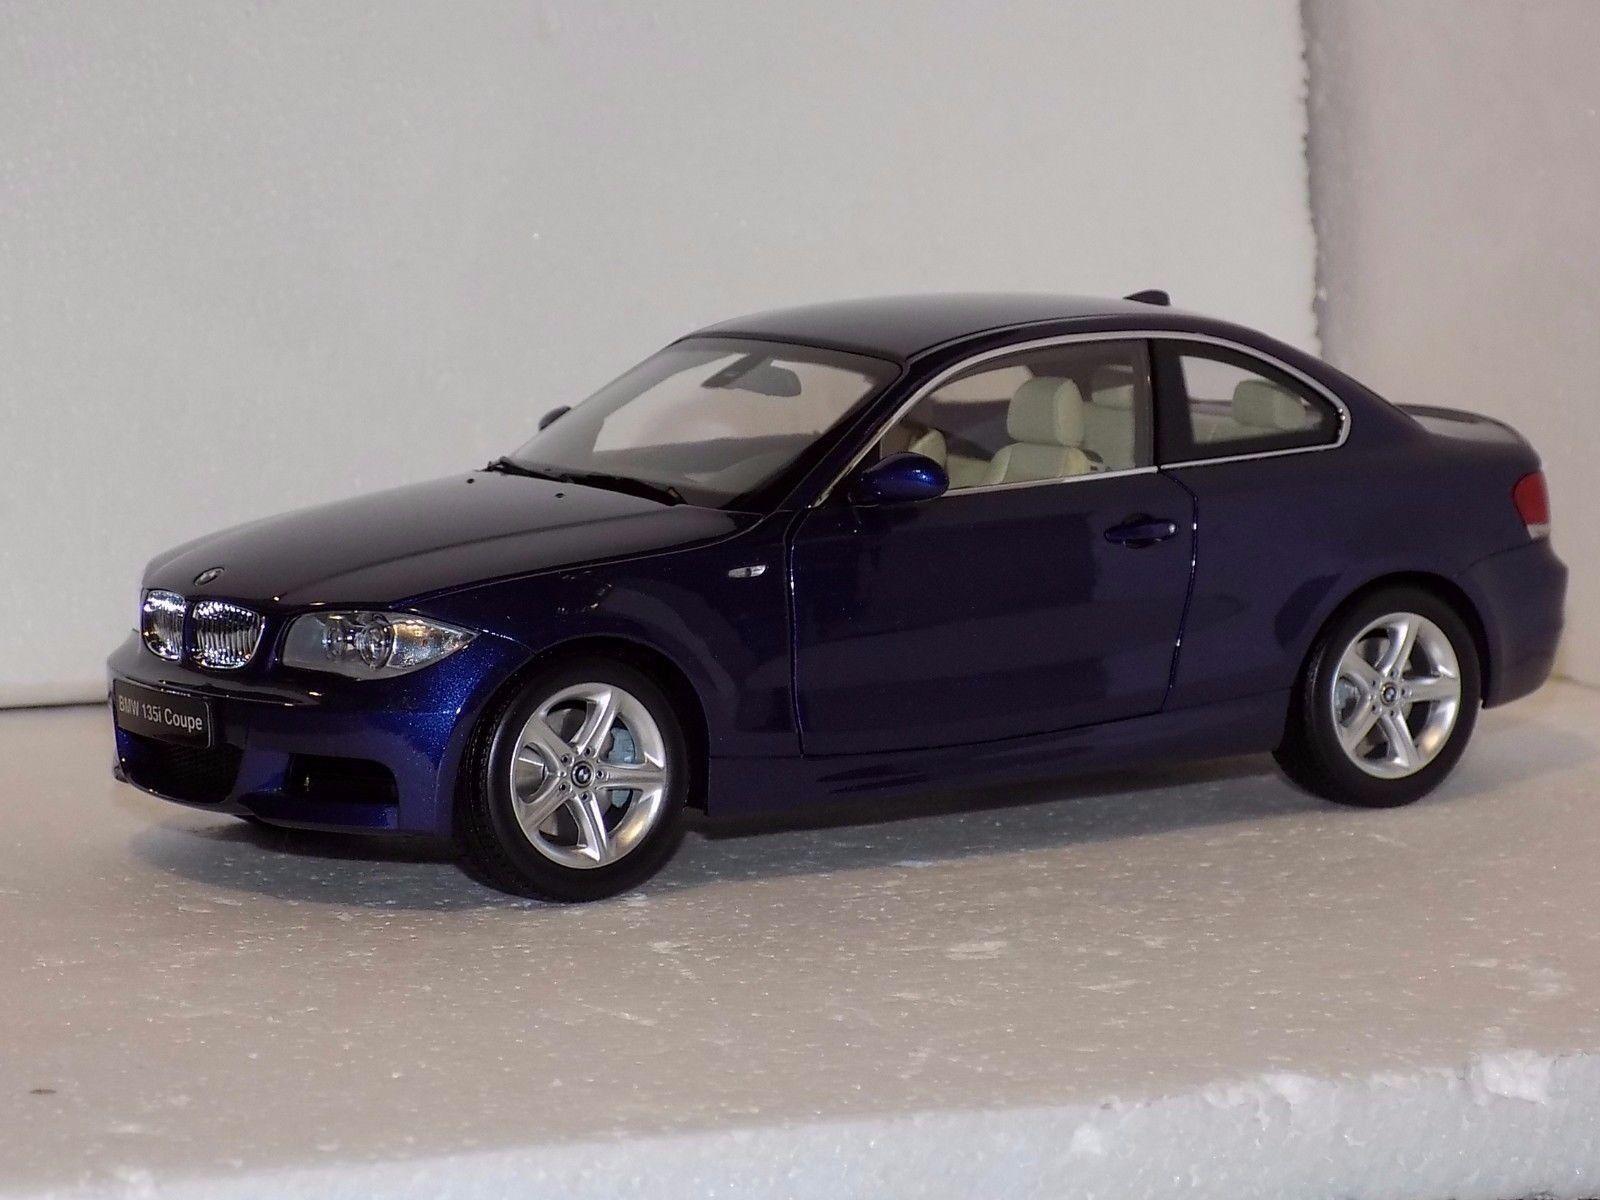 BMW 135i Coupe bleu KYOSHO 08722BL 1 18